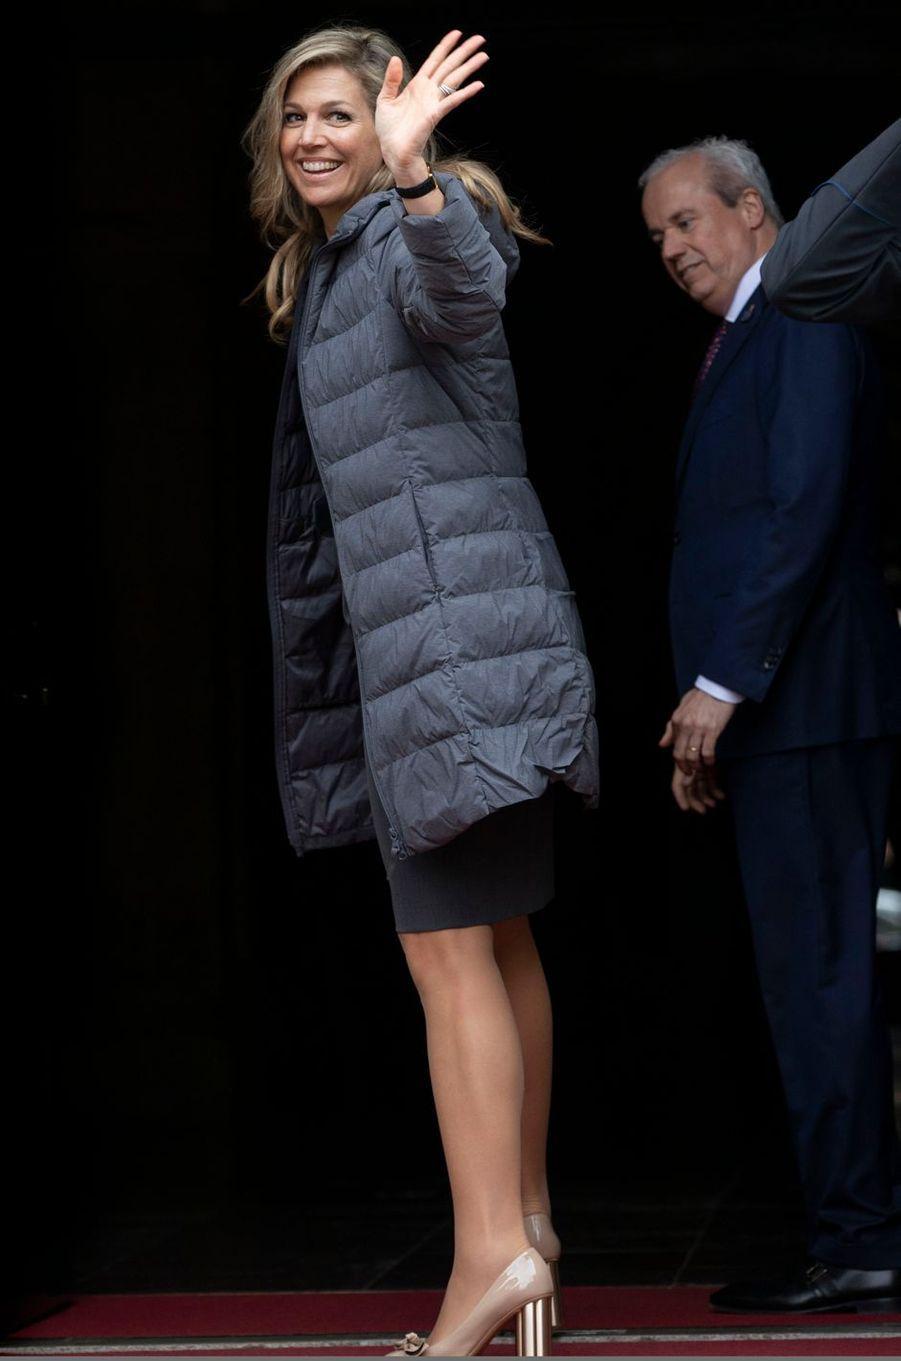 La reine Maxima des Pays-Bas, en tenue de ville, à son arrivée à Amsterdam, le 24 avril 2018